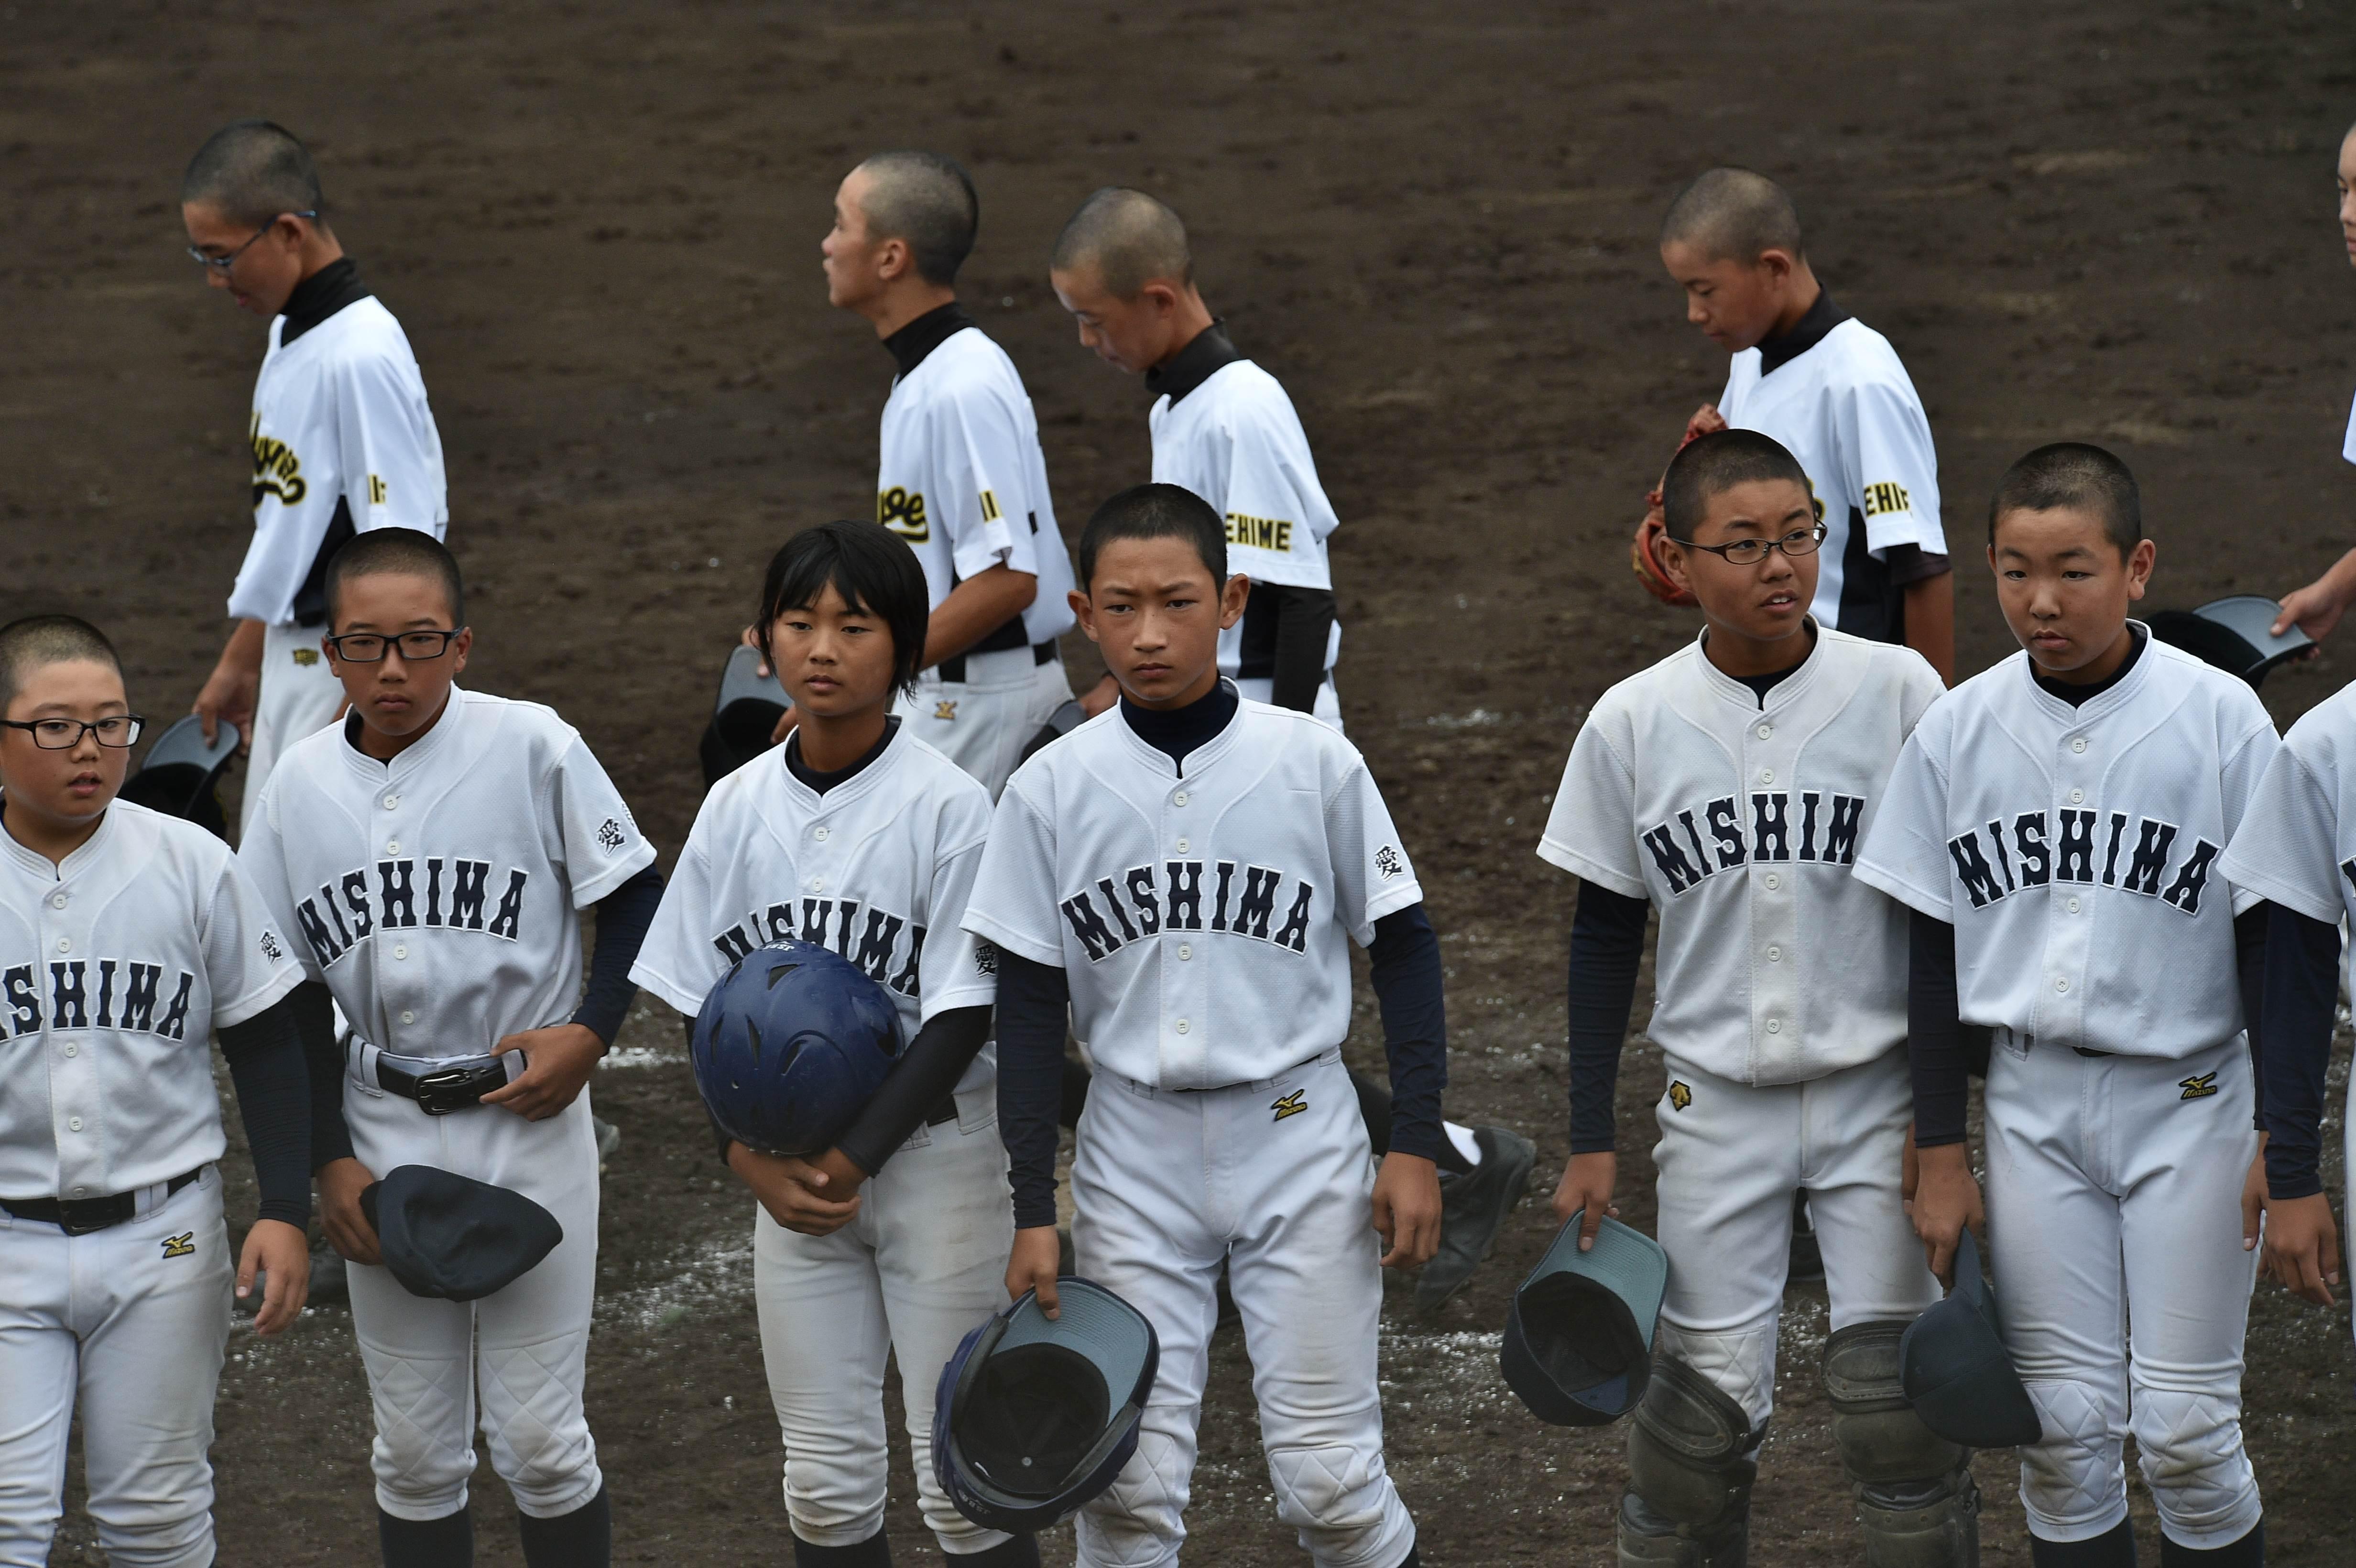 軟式野球 (466)